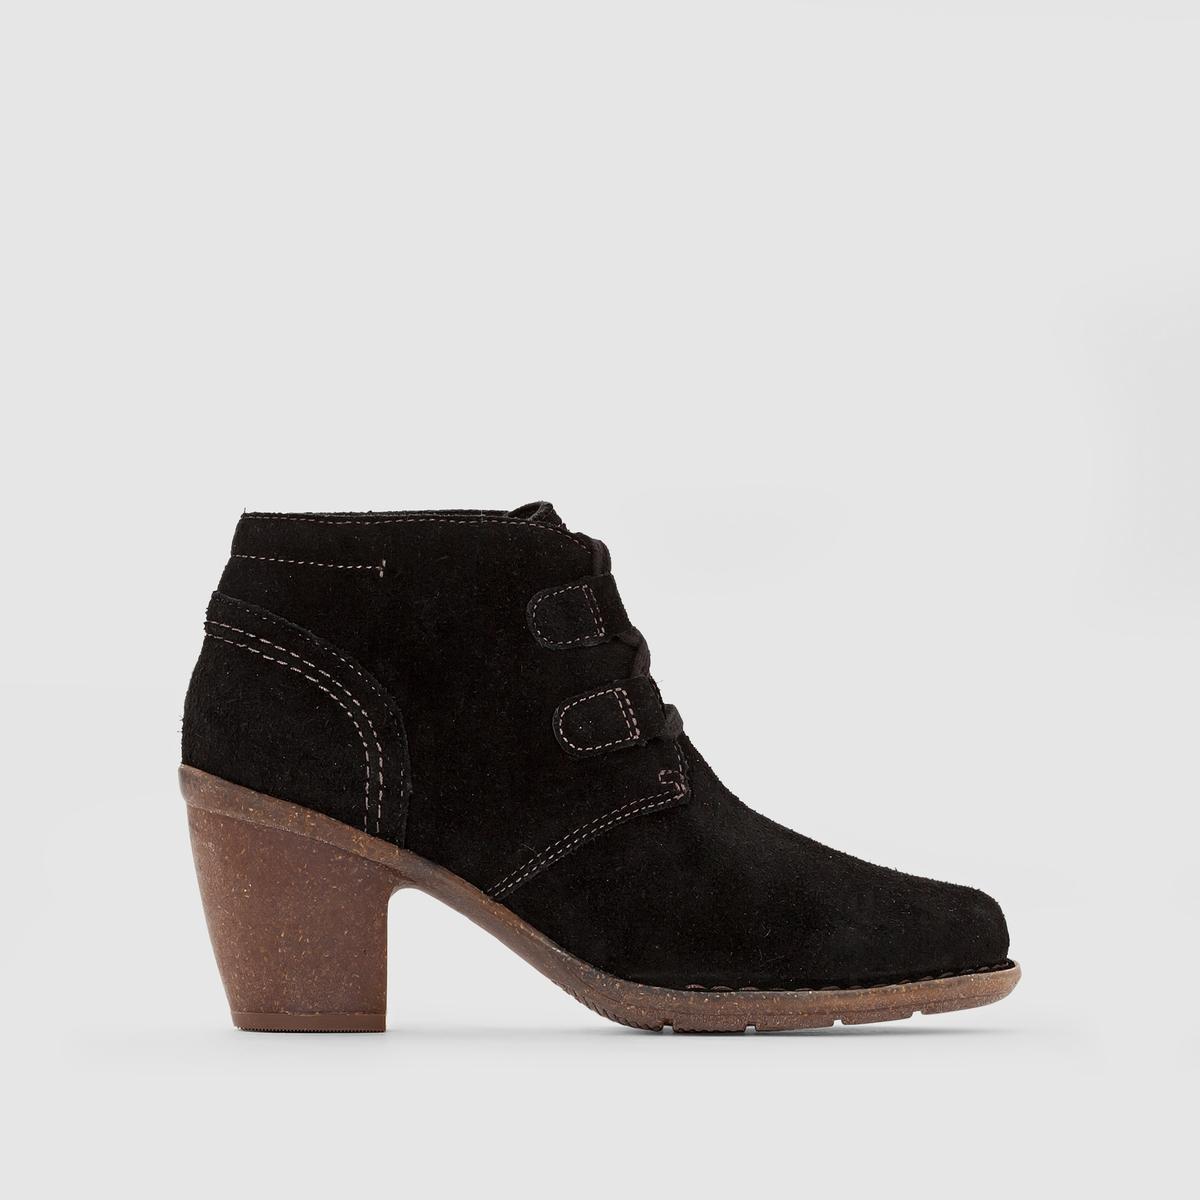 Ботильоны кожаные Carleta LyonПреимущества : Ботильоны CLARKS с технологией Cushion Plus в стиле нео-ретро, комфортные и элегантные.<br><br>Цвет: черный<br>Размер: 41